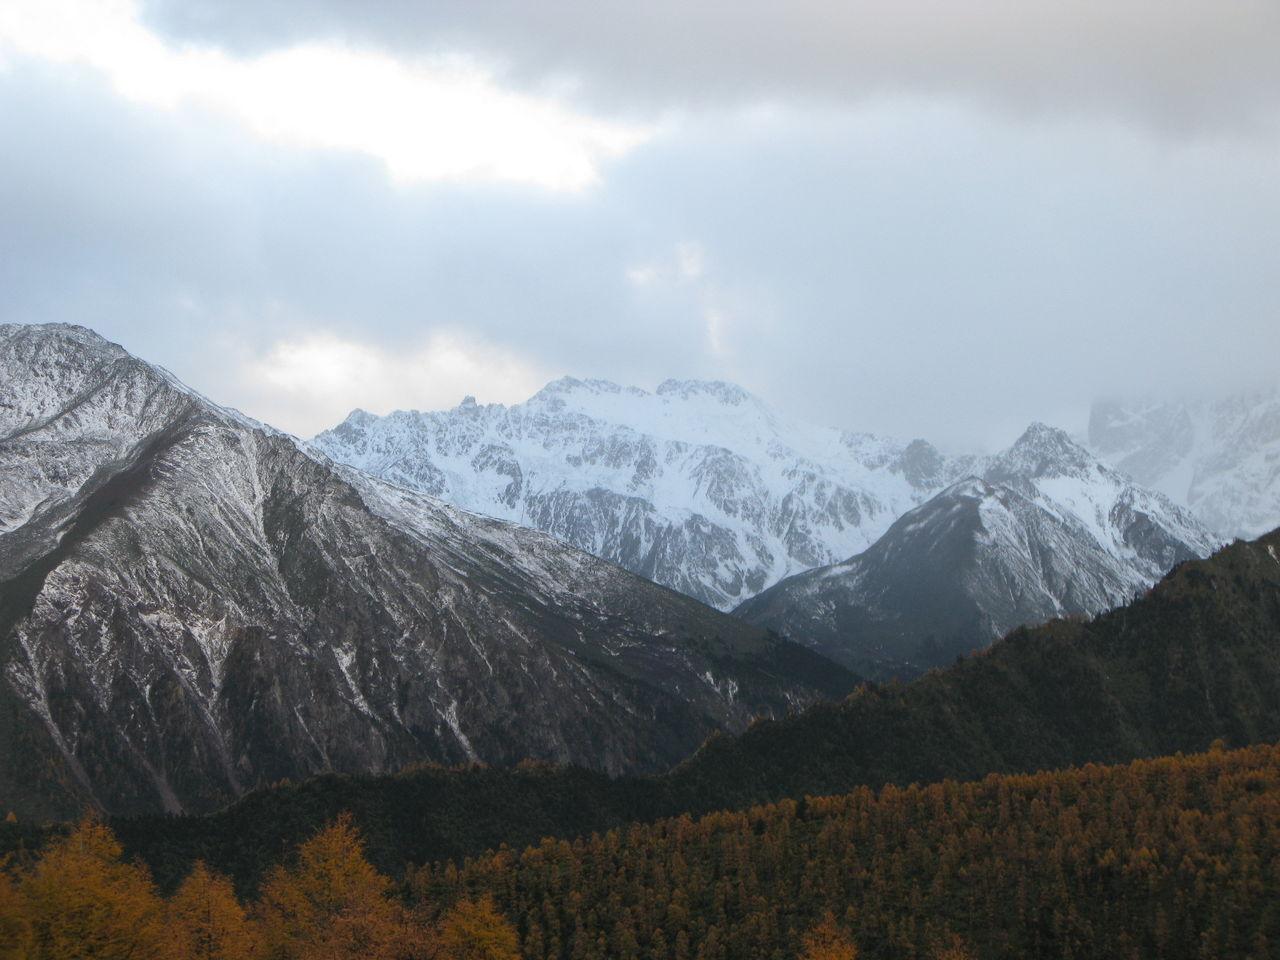 白茫雪山位于金沙江和澜沧江之间,德钦县境内。 白茫雪山(又名白马雪山)国家级自然保护区位于青藏高原南延部分横断山脉中段、  云岭山脉北段东坡,迪庆州德钦县境内东南部。总面积已扩至27万公顷,为云南最大,以保护滇金丝猴等野生动物和丰富的高山植物等为目的。山峰最高为扎拉雀尼峰,海拔6540米;最低为霞若乡,海拔2080米,气候垂直差异很大,形成立体感极强的气候特征和值被类型。 在横断山脉的茫茫林海中,掩映着一座座气势磅礴的雪山。这里是著名的国家级自然保护区,在它高远广阔的胸怀里,滇金丝猴、云豹等许多珍禽异兽和